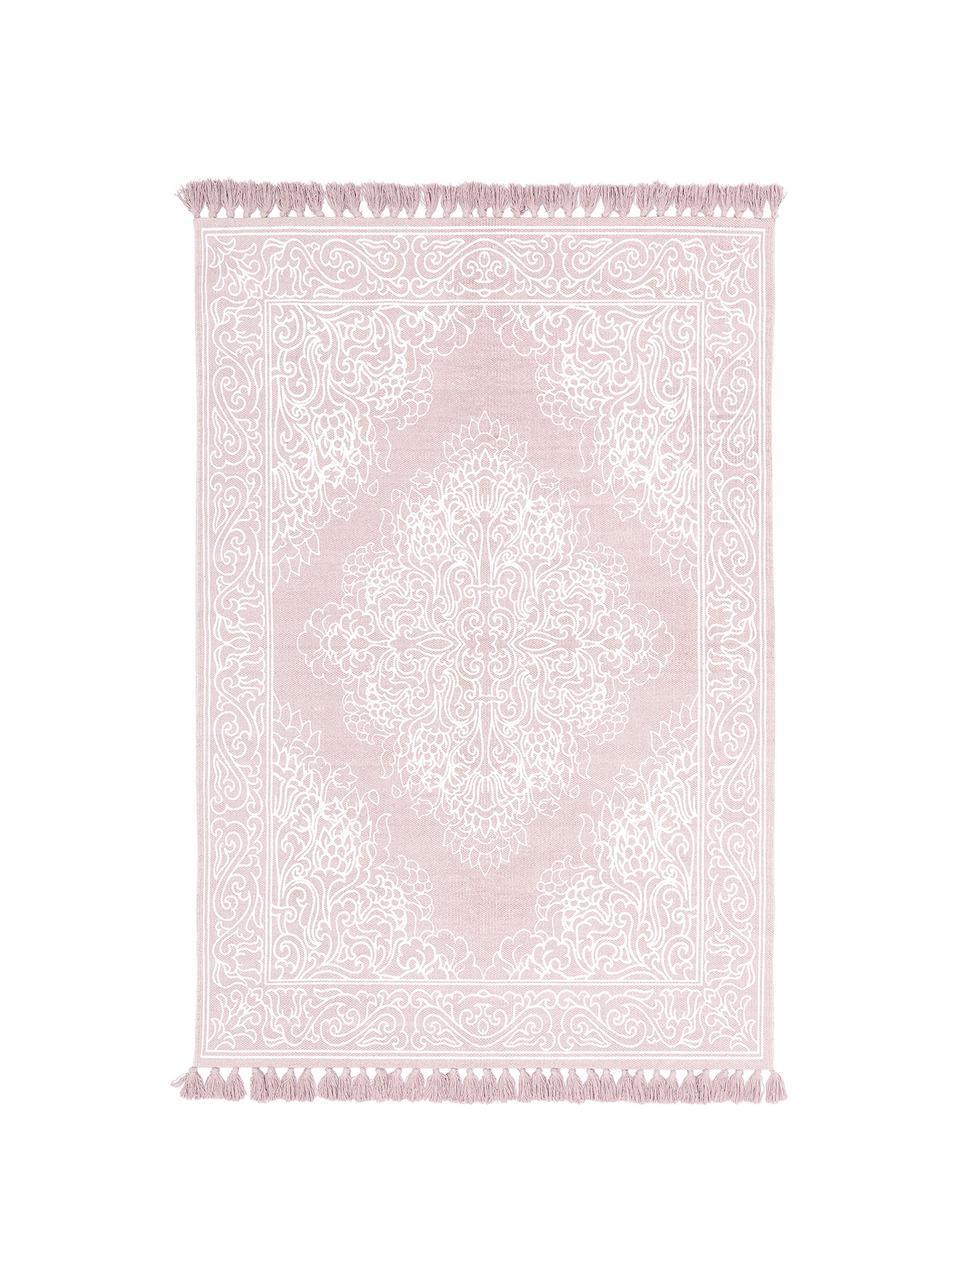 Tappeto in cotone fantasia tessuto a mano con nappe Salima, 100% cotone, Rosa, bianco crema, Larg. 200 x Lung. 300 cm (taglia L)